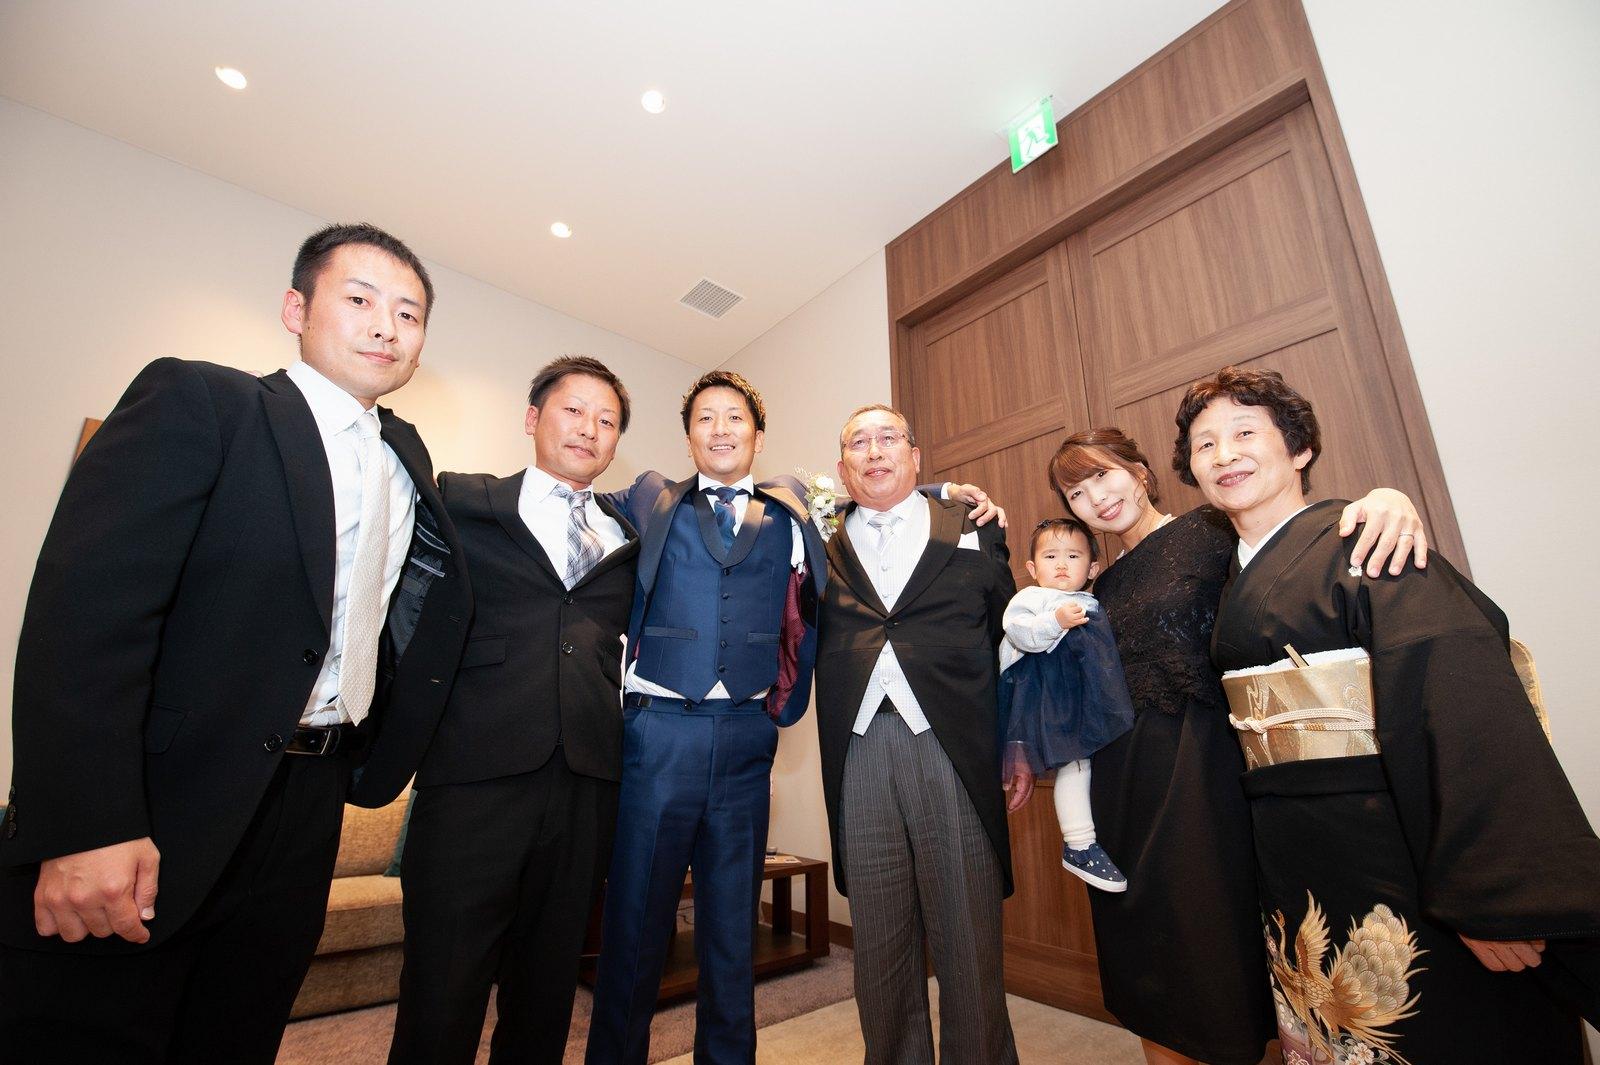 香川県高松市の結婚式場アナザースタイルで親族と記念撮影